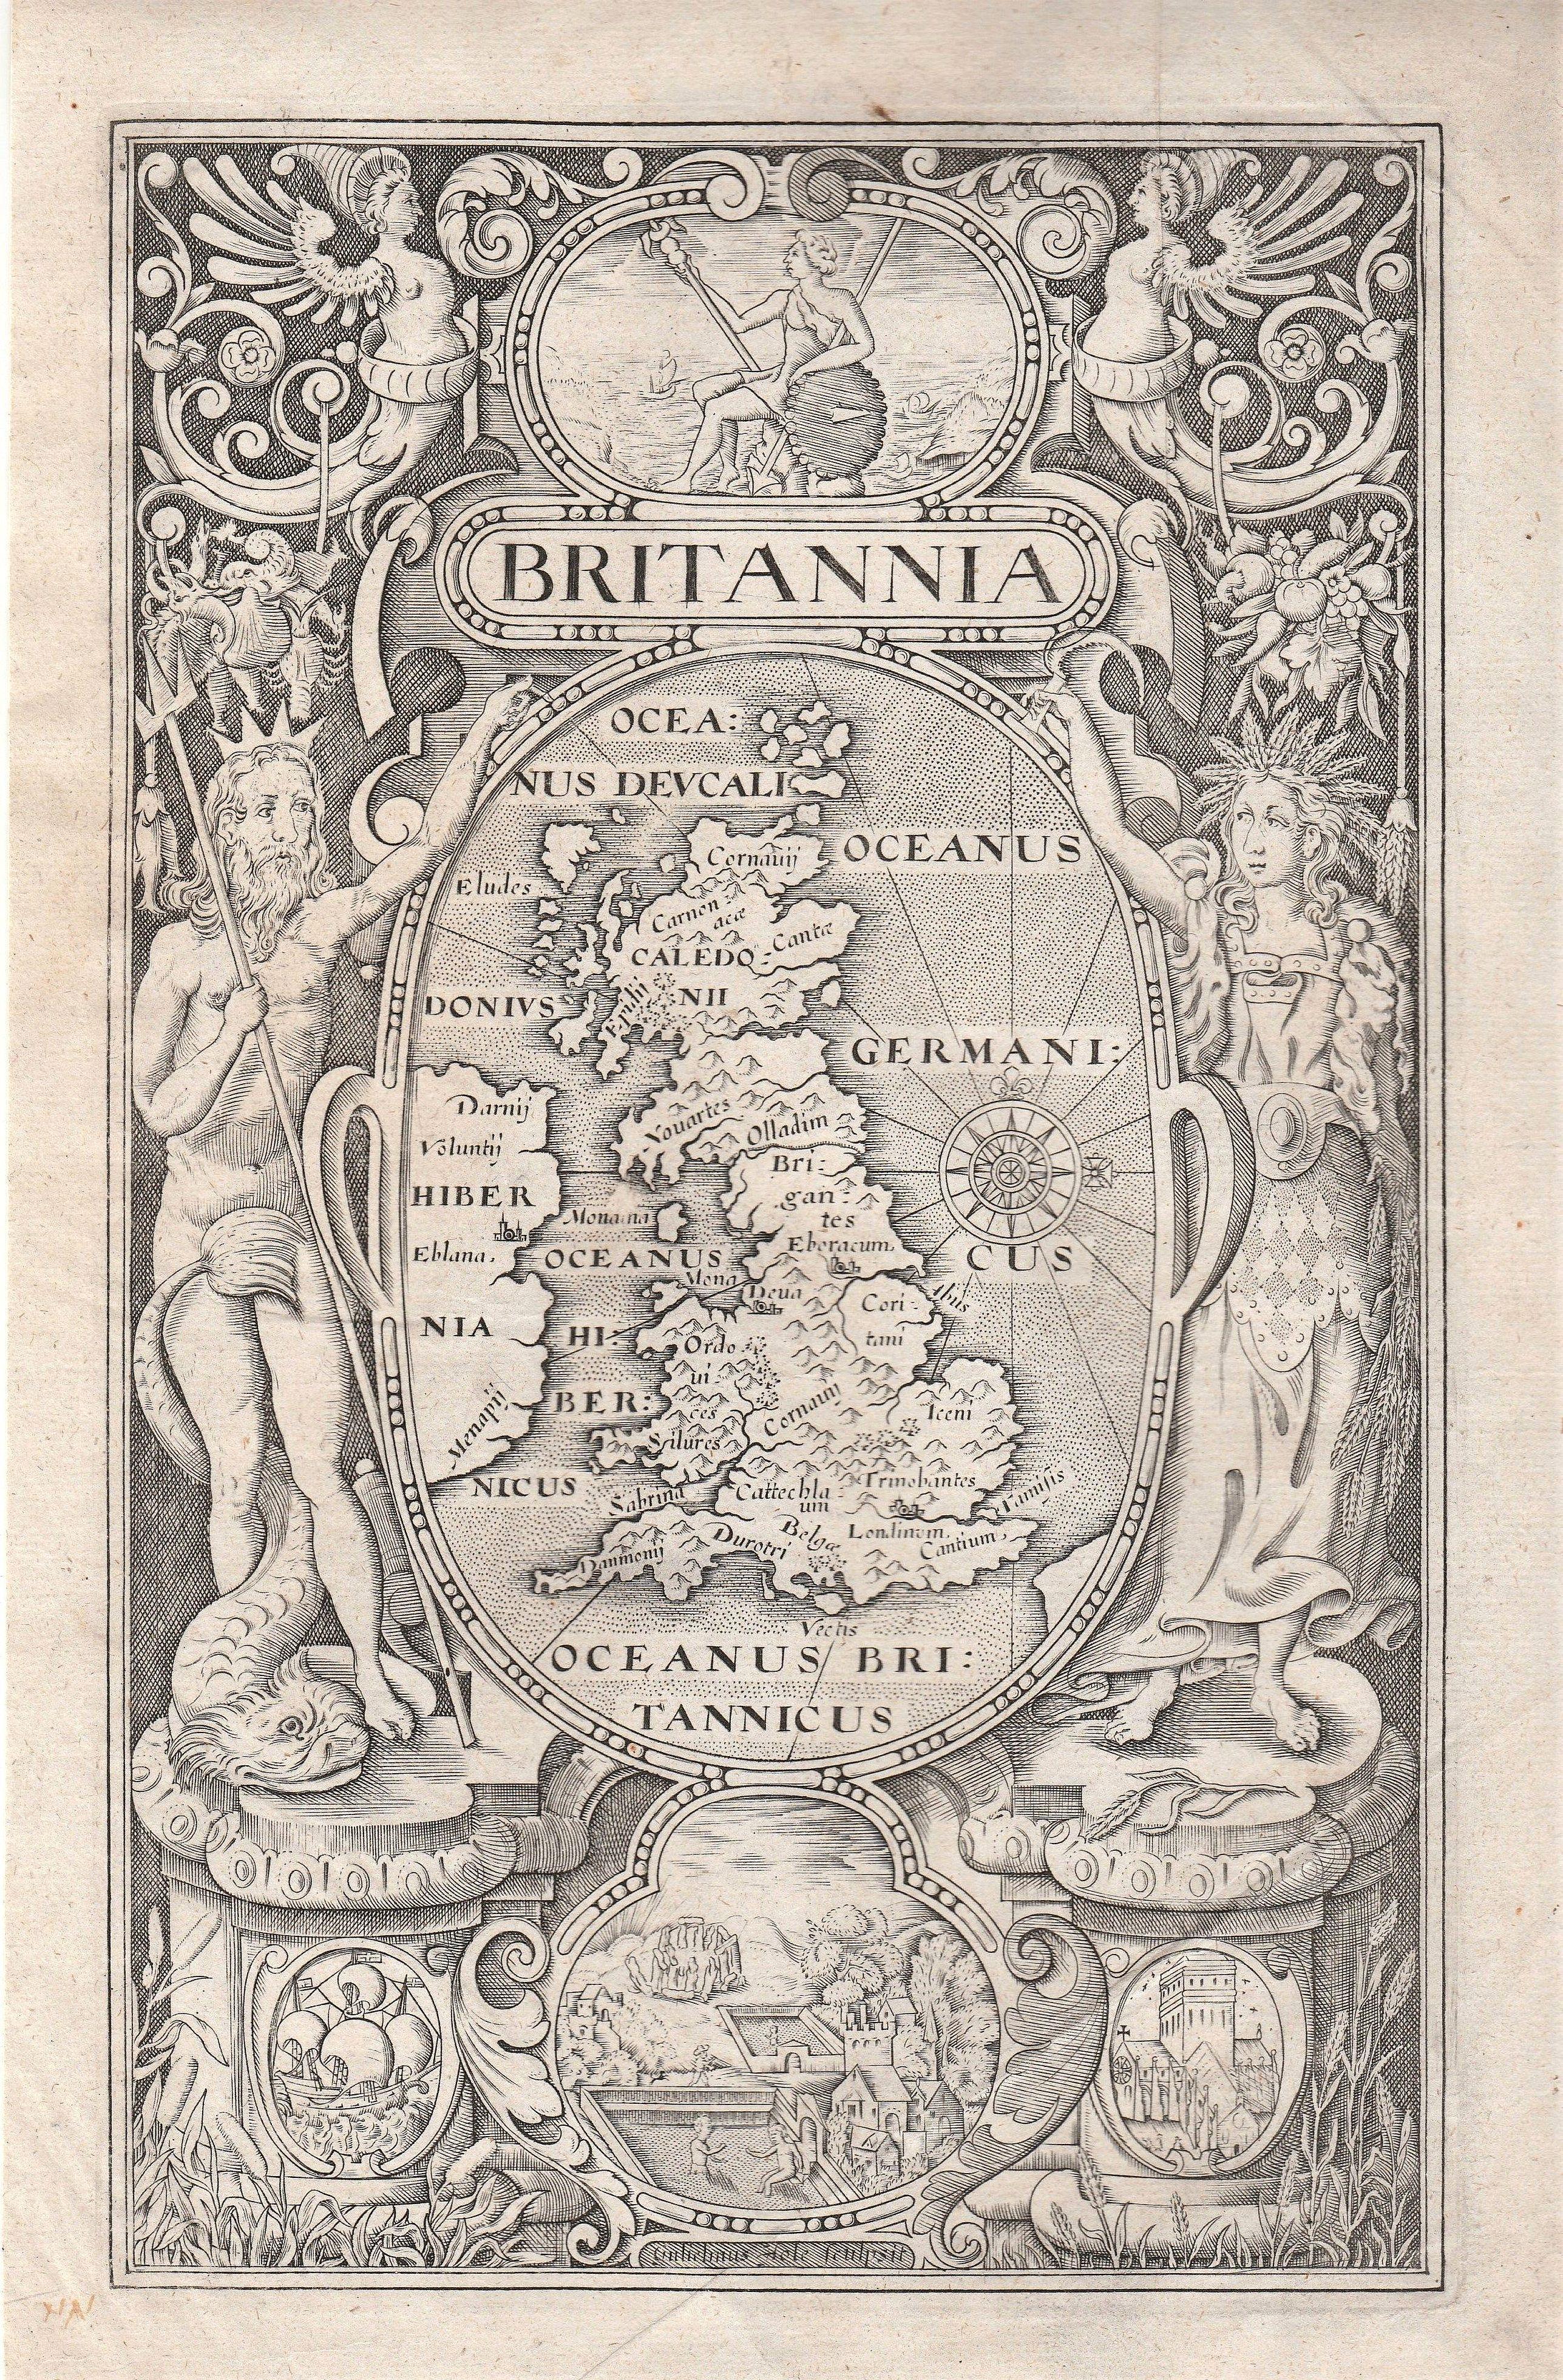 HOLE, William / - CAMDEN, William  - 'Britannia' Frontispiece - William Camden.